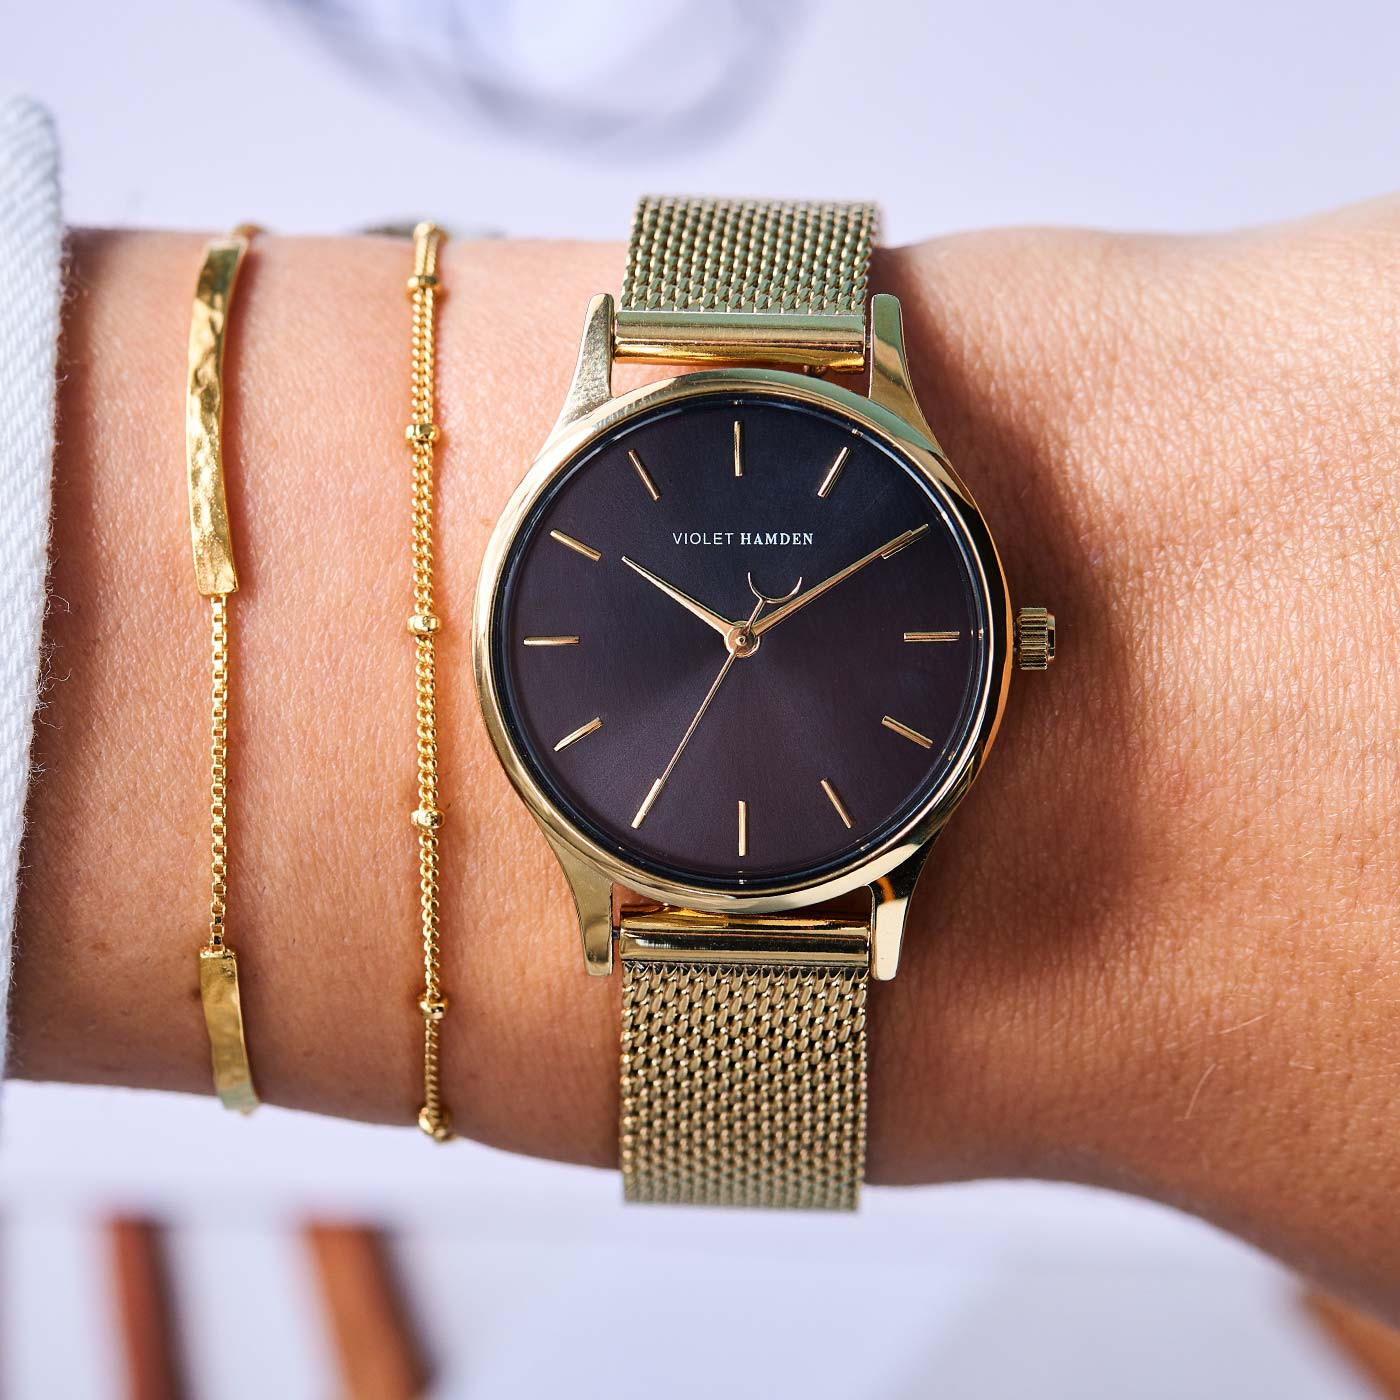 Violet Hamden Day & Night Gold Colored/Black horloge VH05017